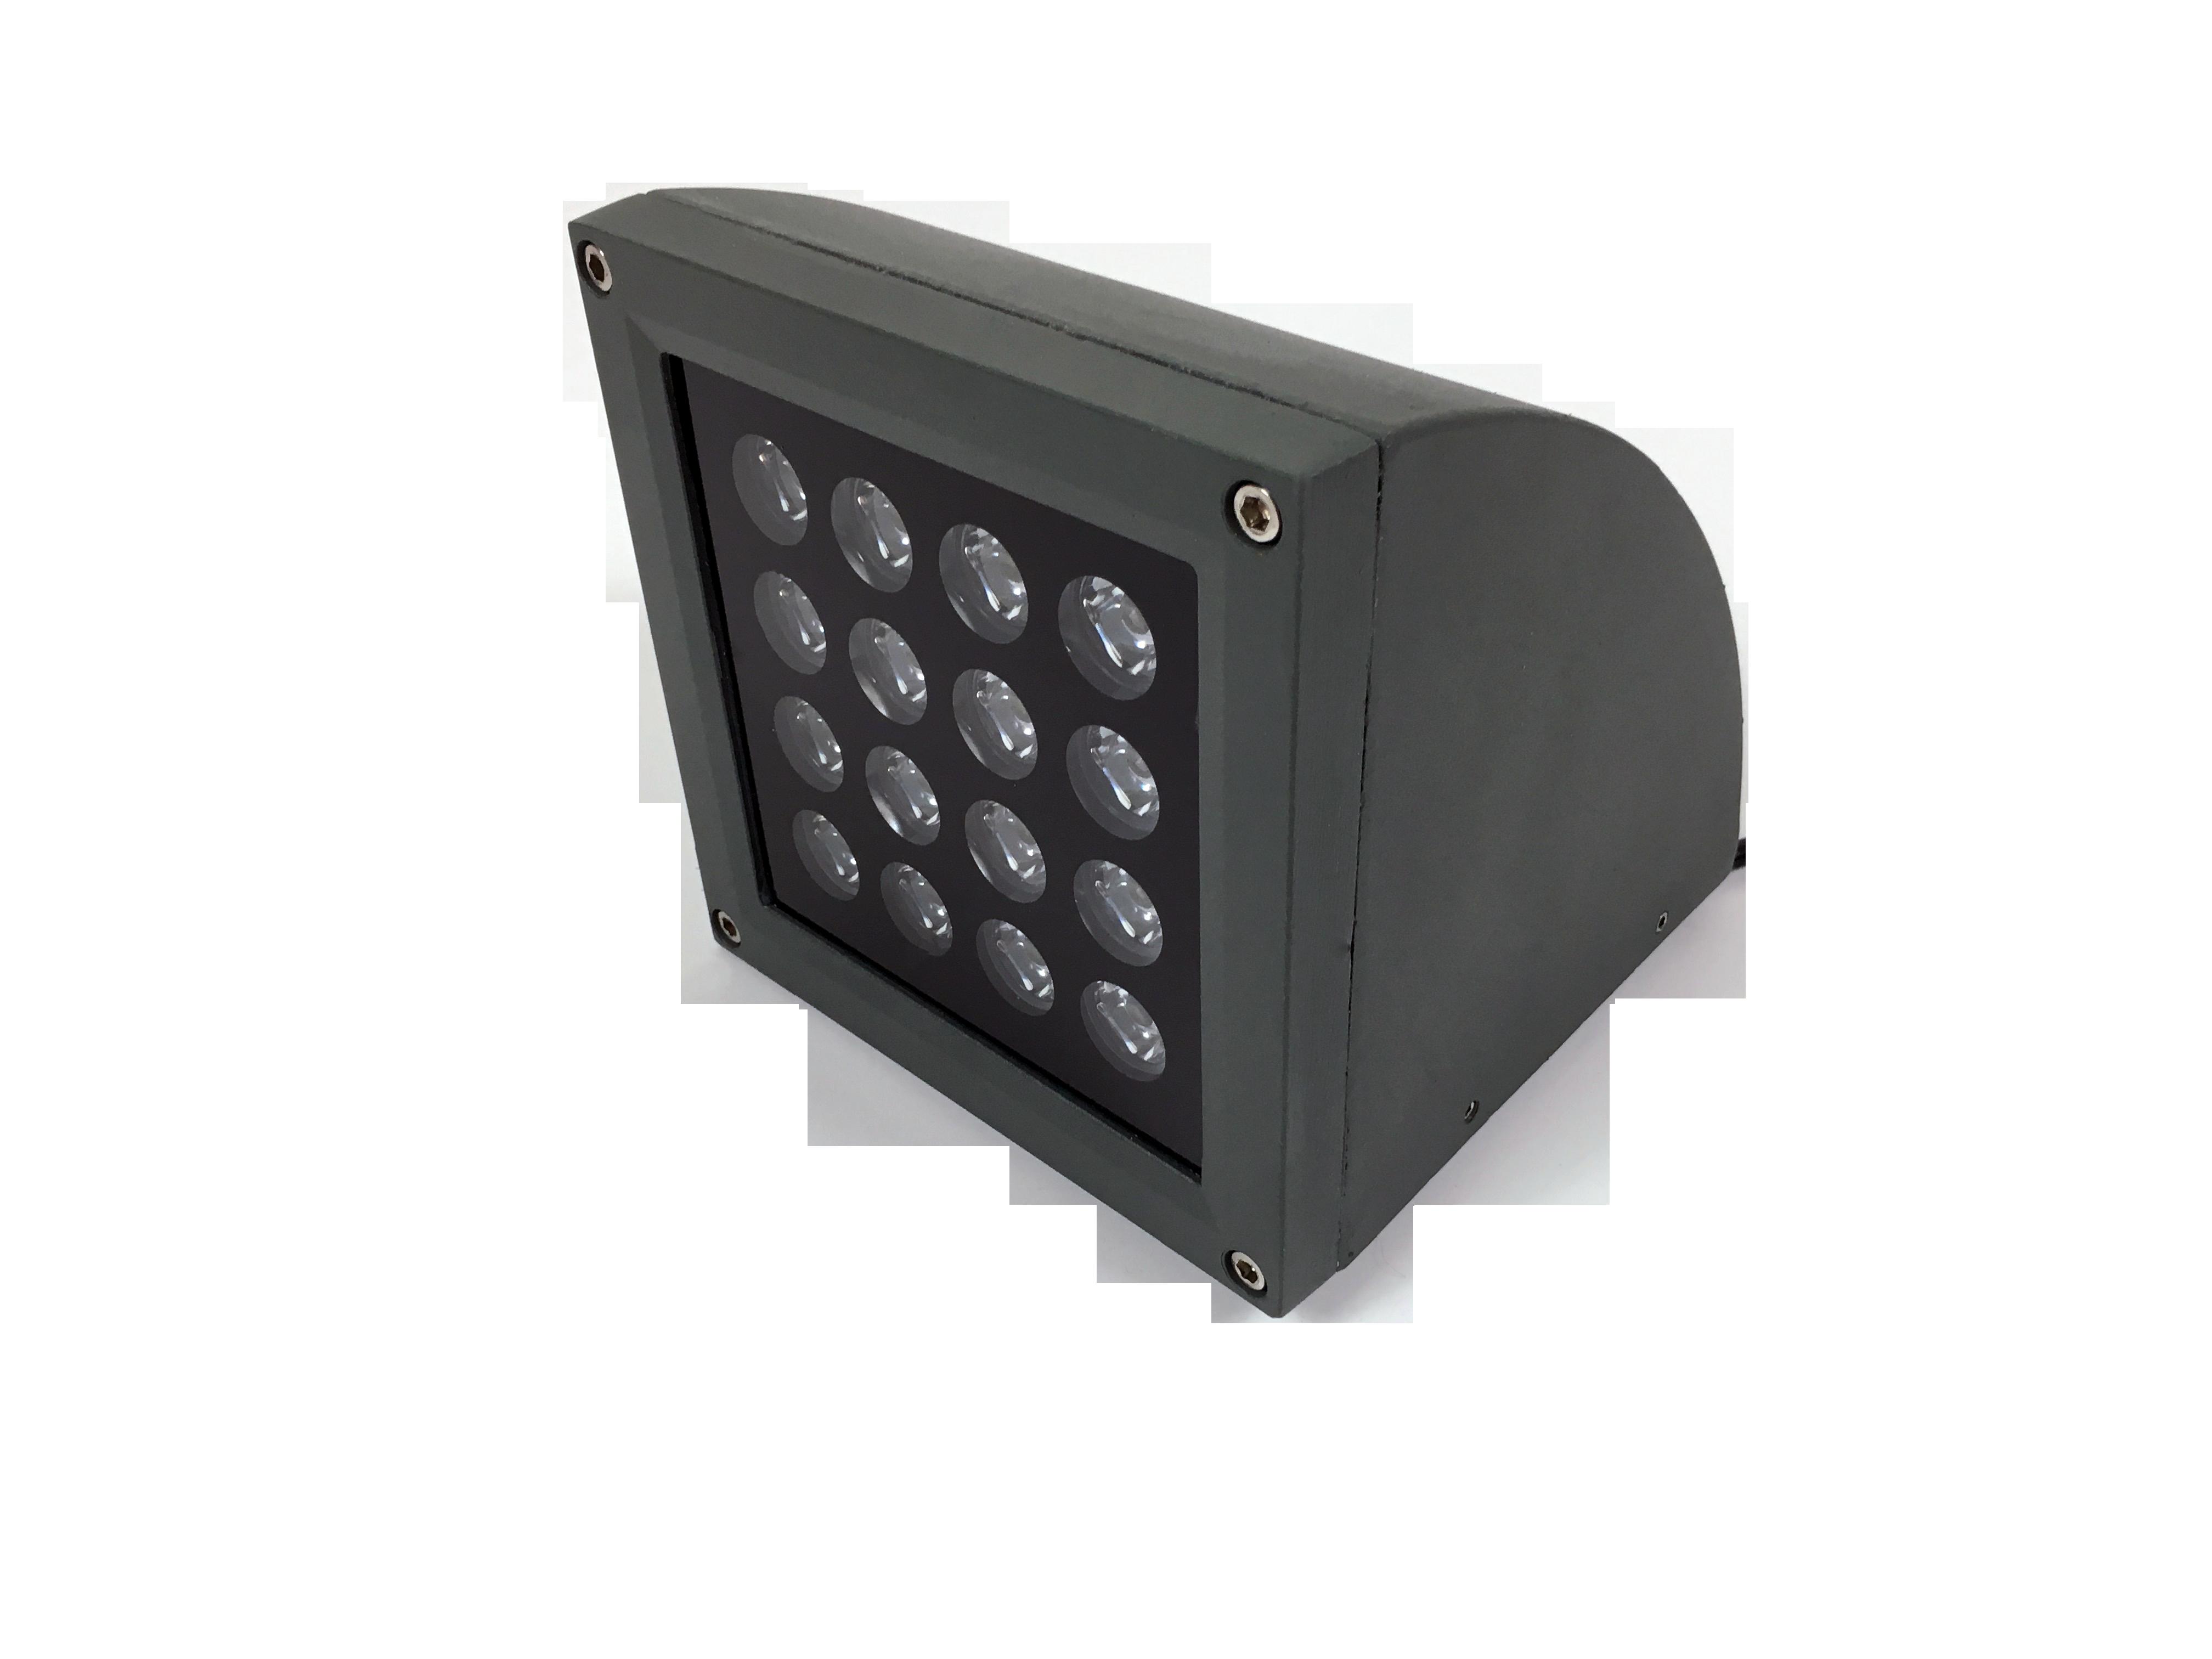 半圆壁灯16W 6W24W36W半弧形壁灯 户外防水壁灯